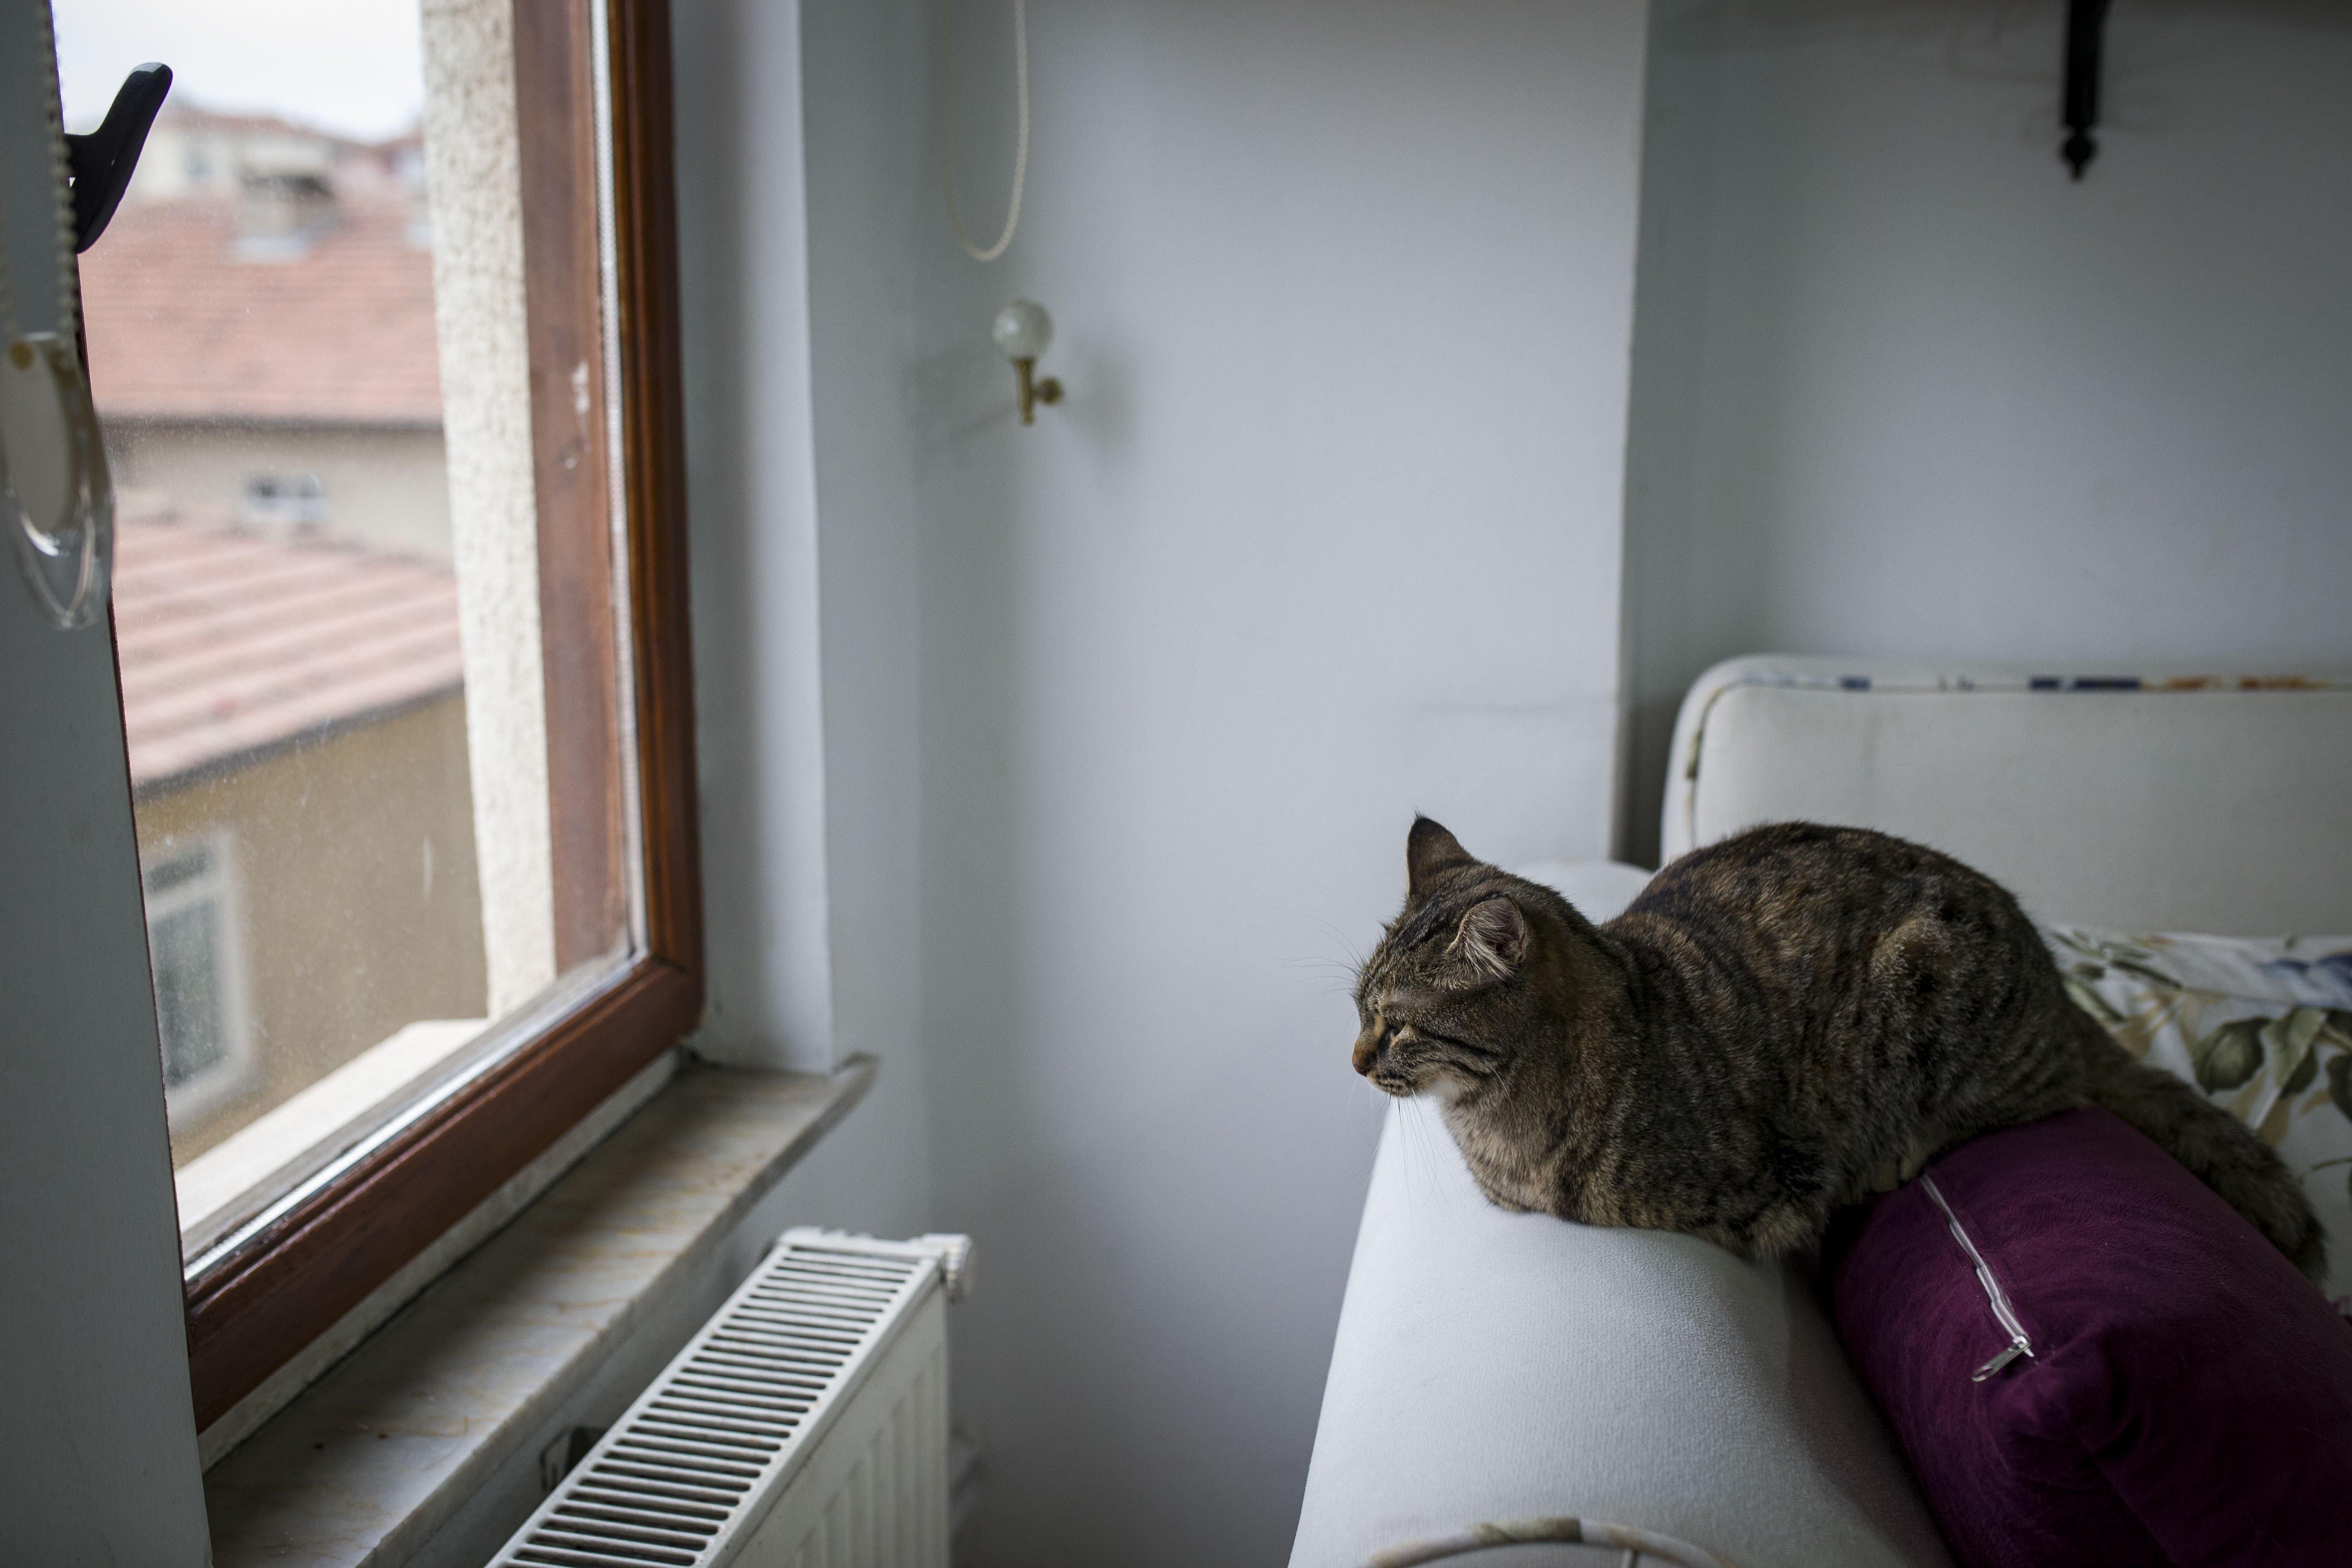 Hausbewohner wachen auf, weil Katze miaut – sie rettet ihnen das